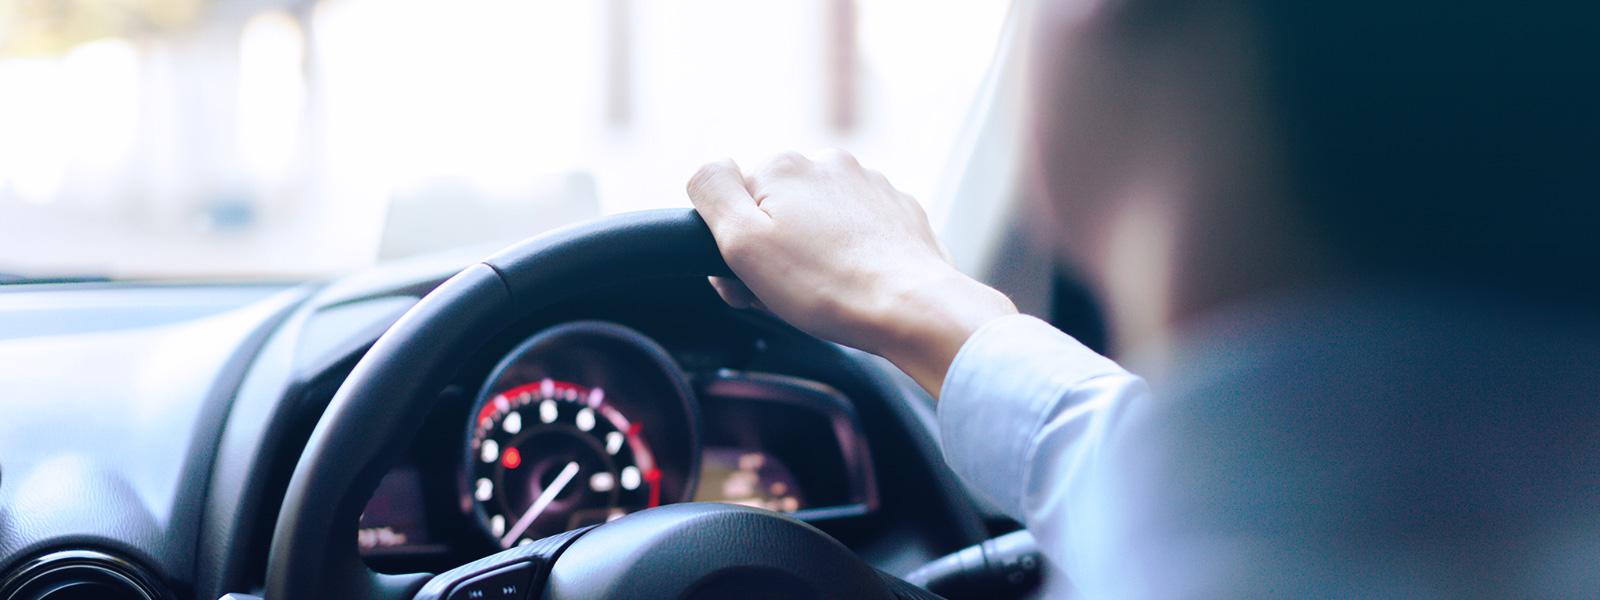 novas_tecnologias_automotivas_que_aumentam_a_segurança